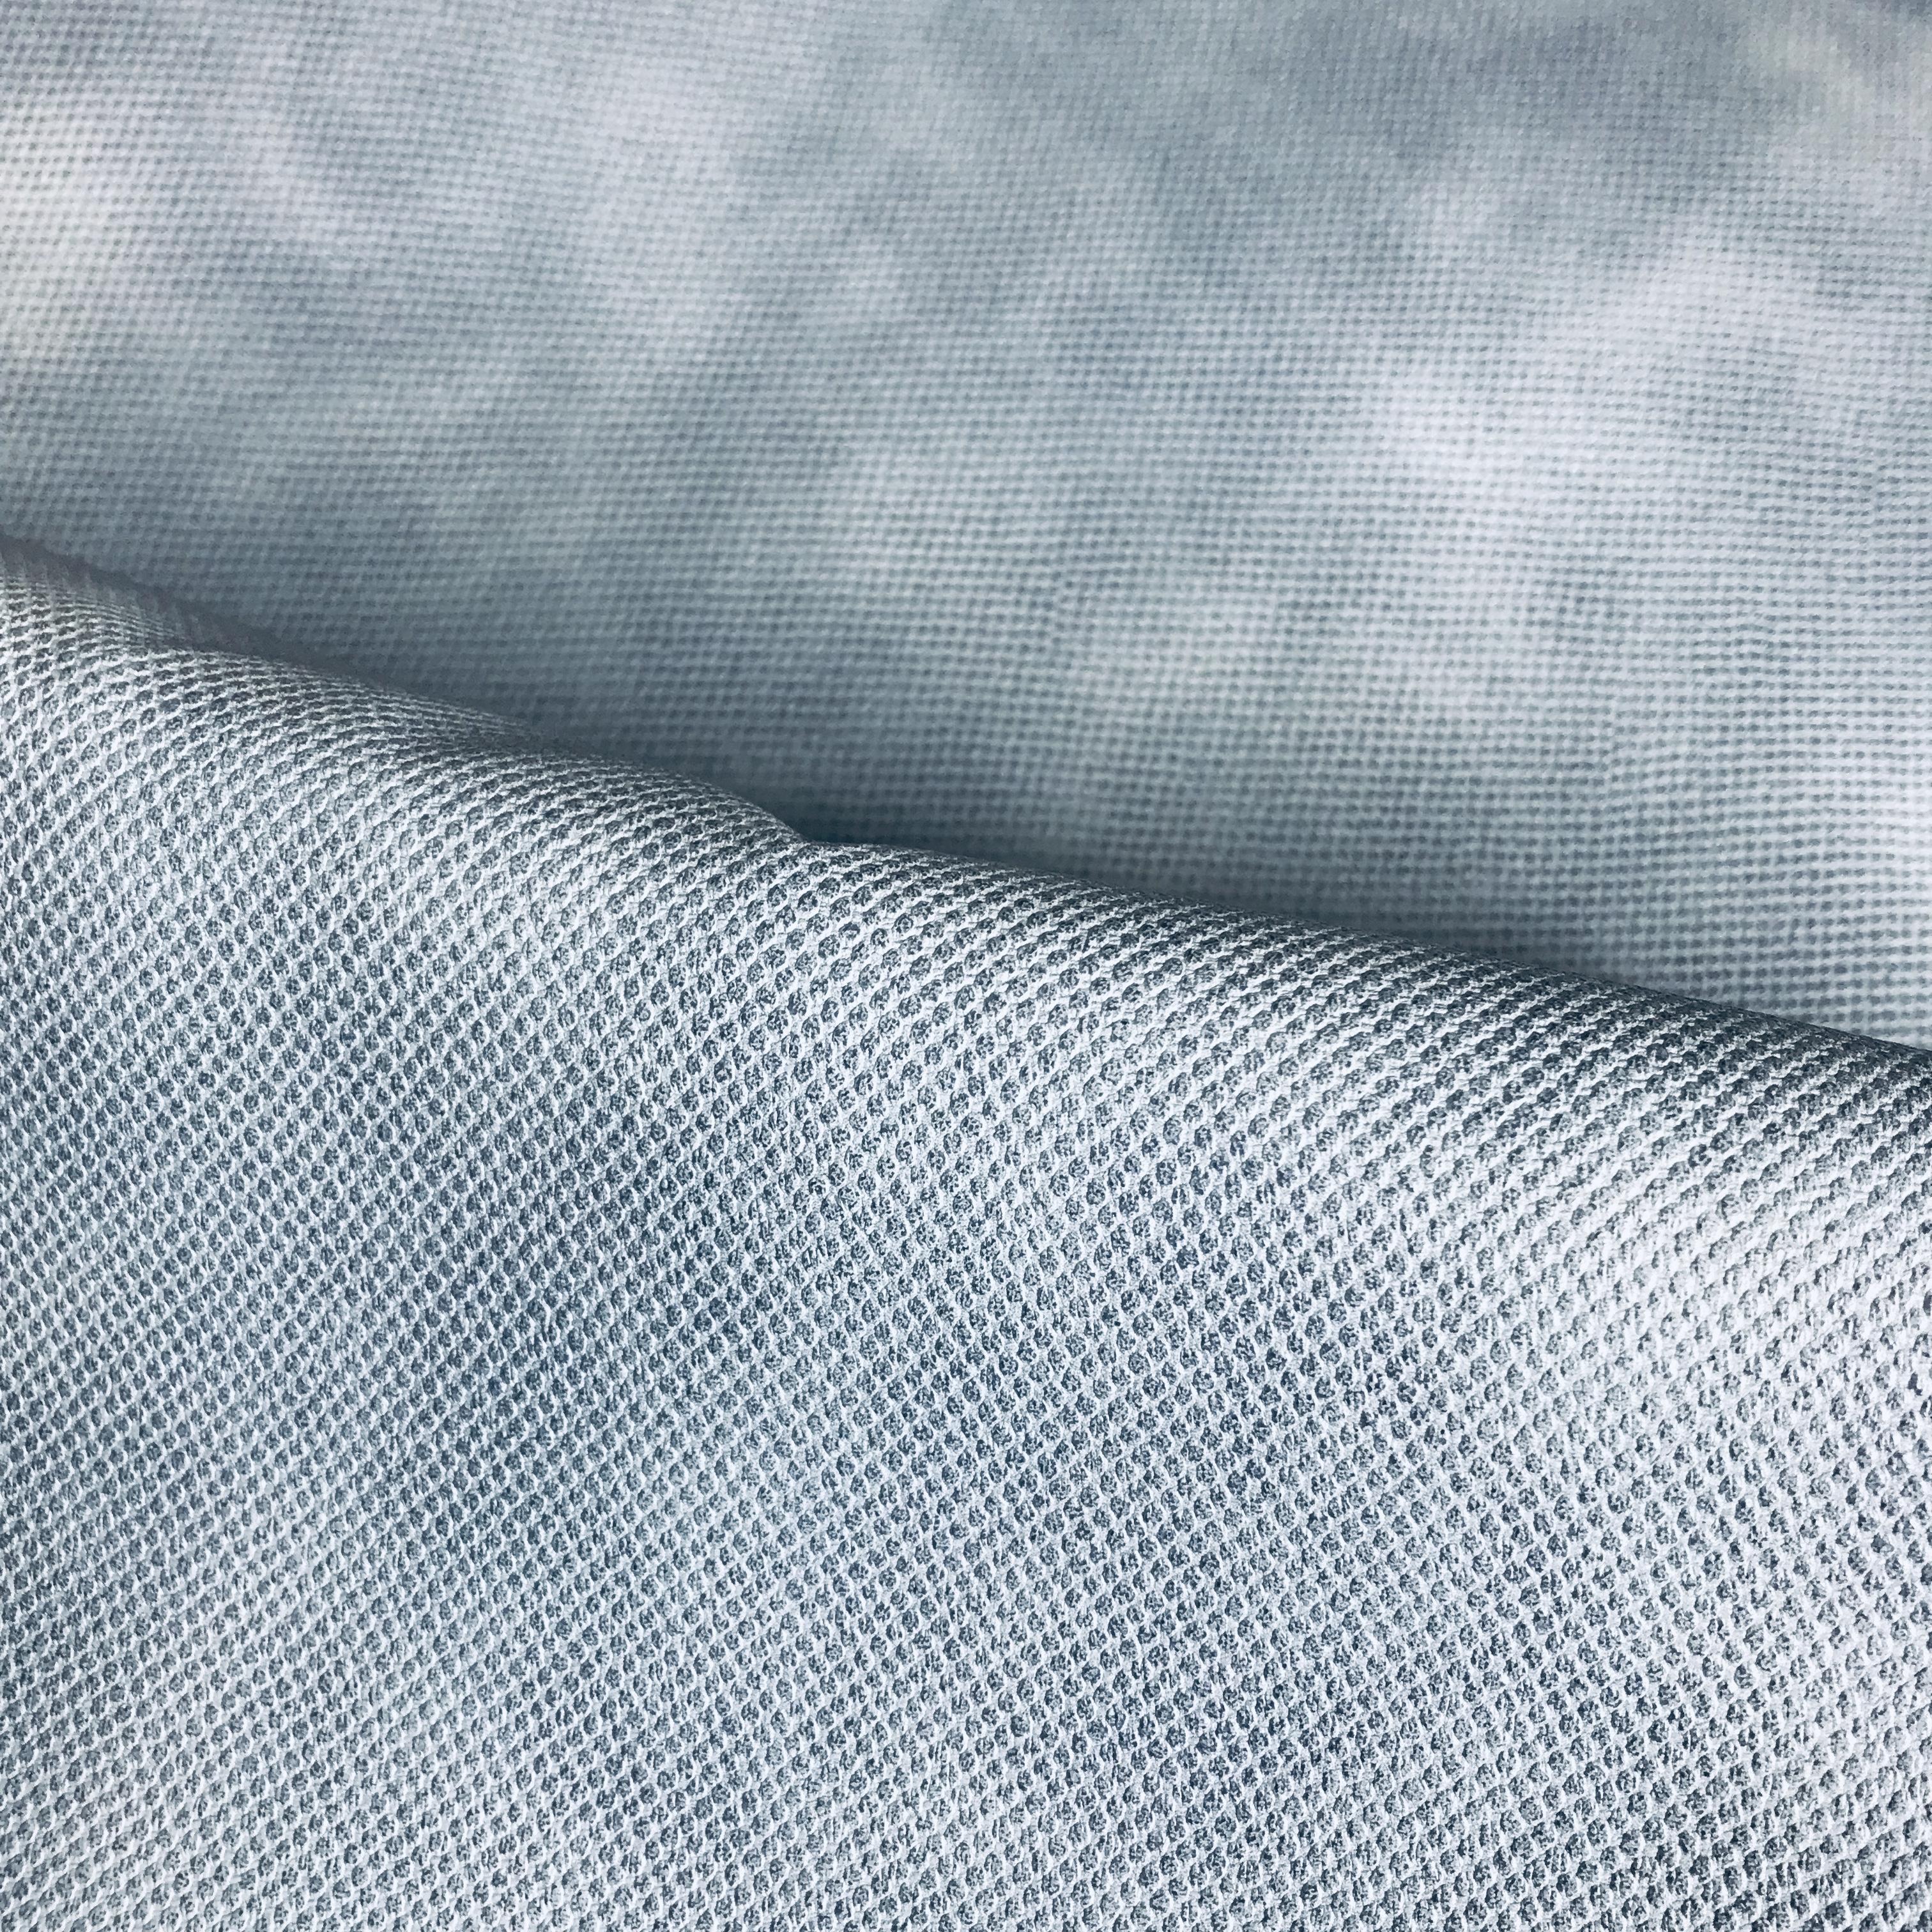 117_Bleu clair - structuré